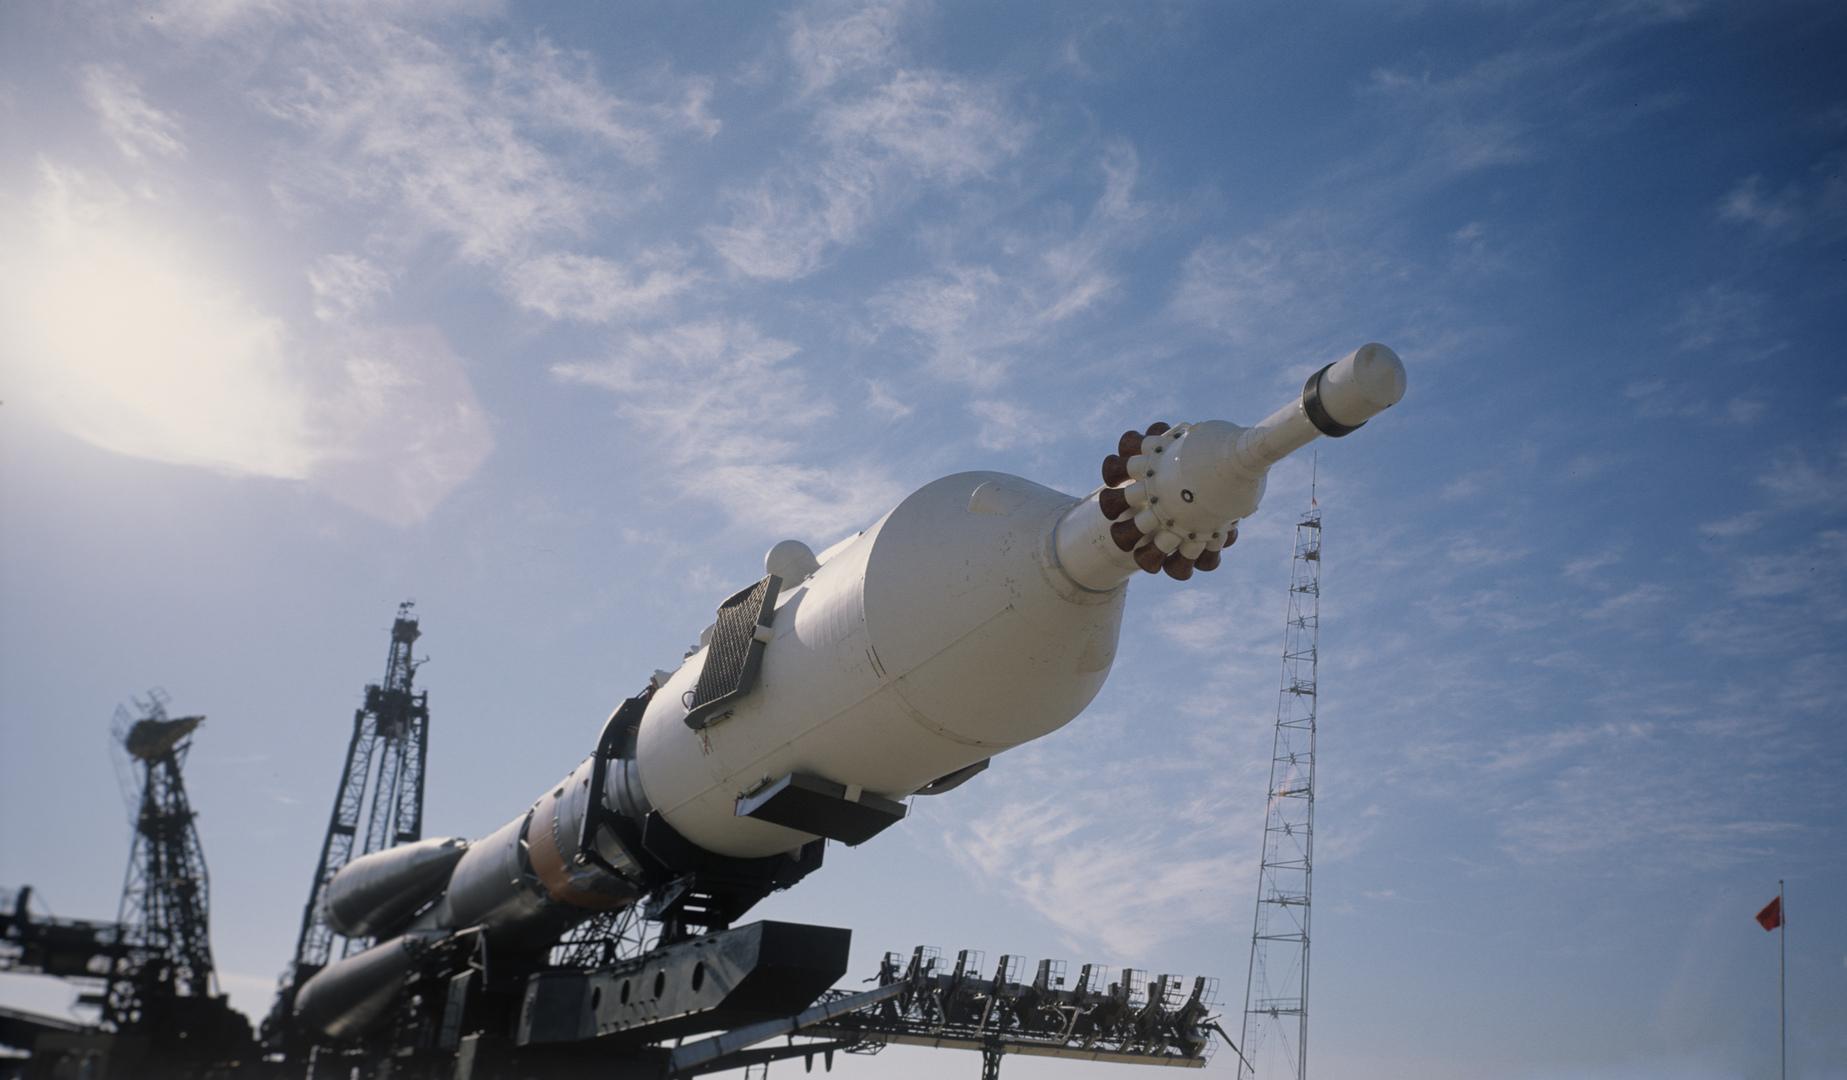 حرب النجوم: في الولايات المتحدة تذكروا المدفع الفضائي الروسي